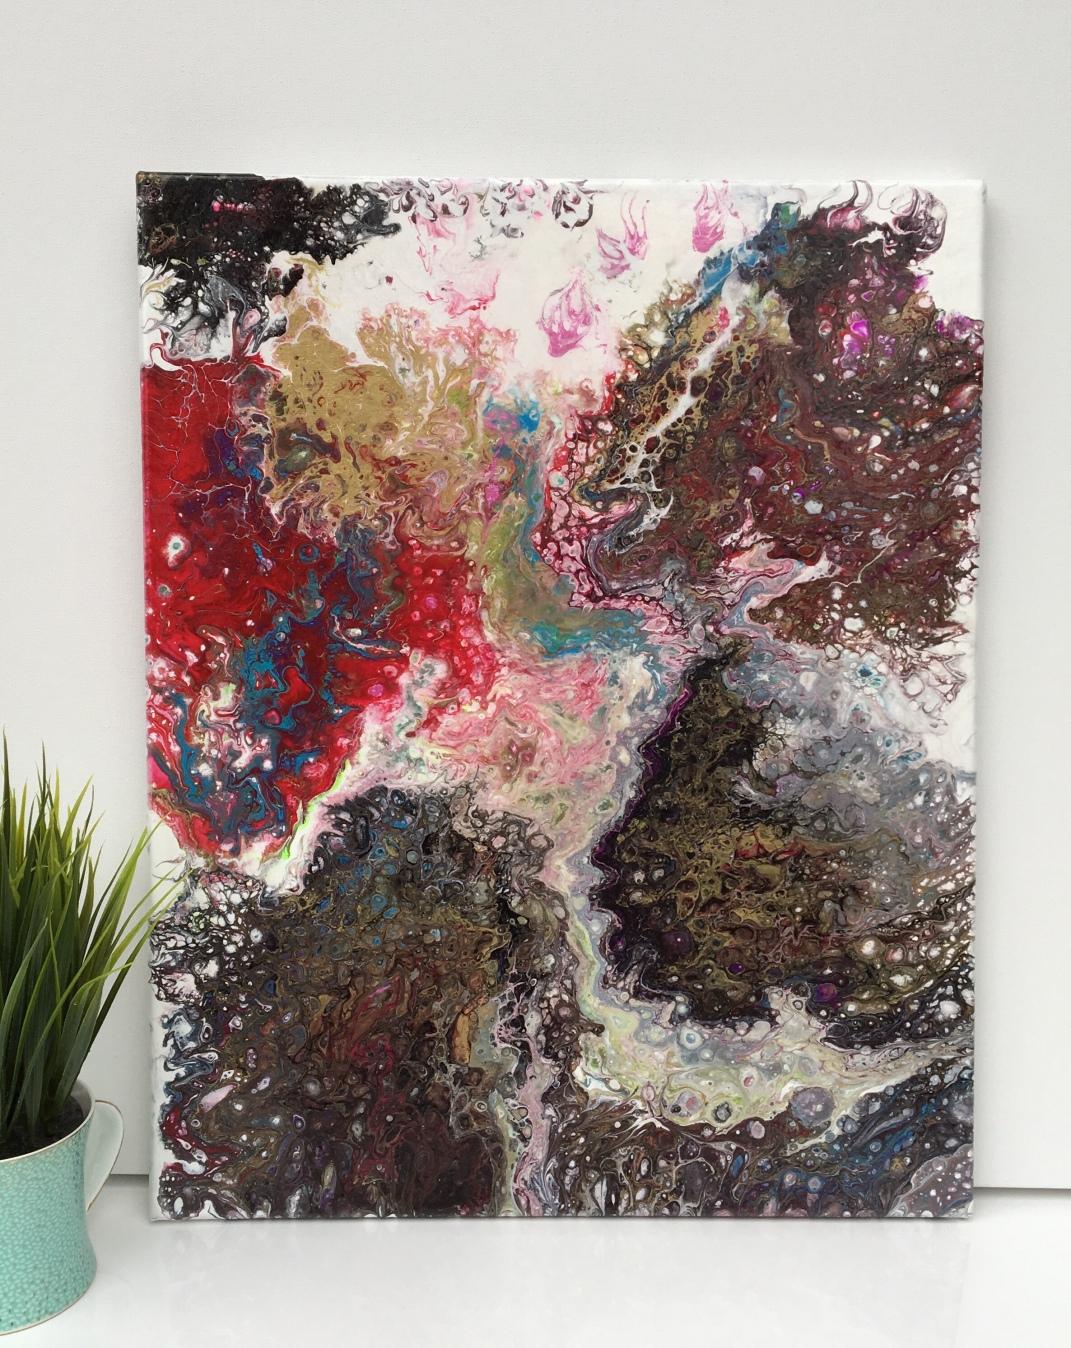 Granite full of color - $95 (16x20)